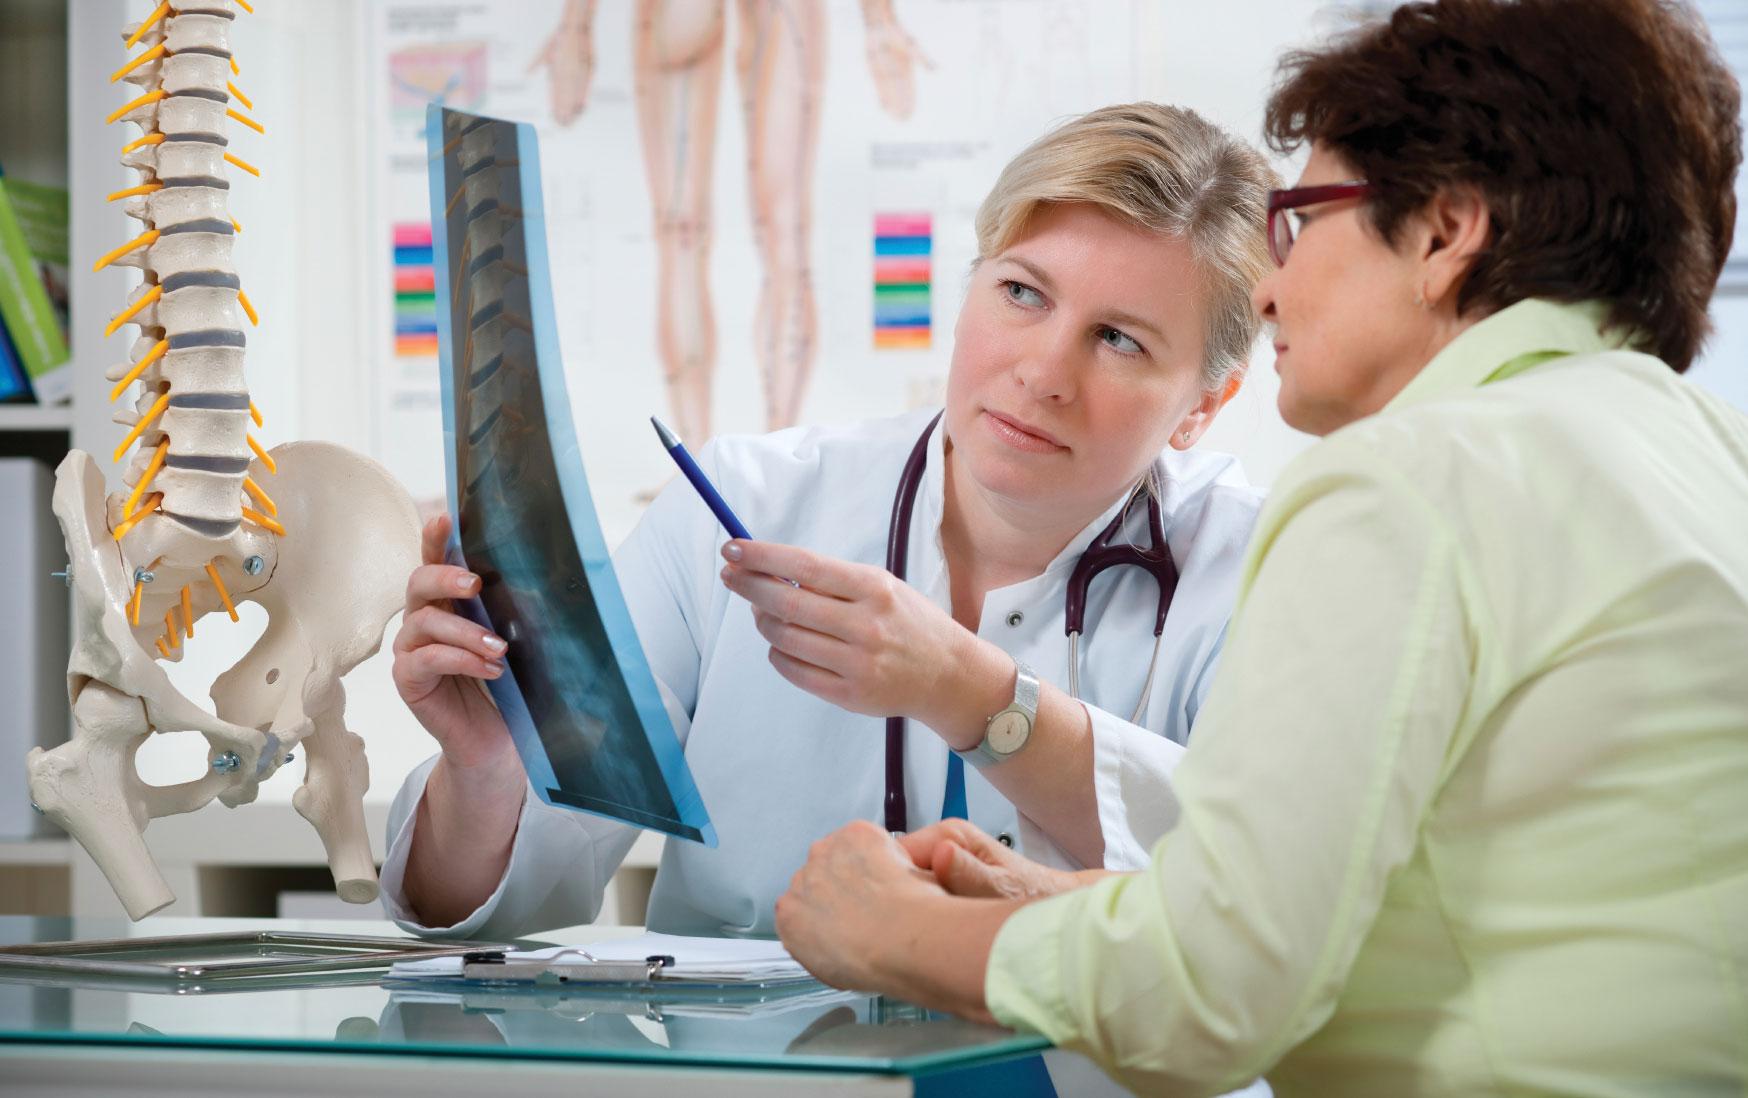 hogyan lehet helyreállítani az ízületeket artrózissal)